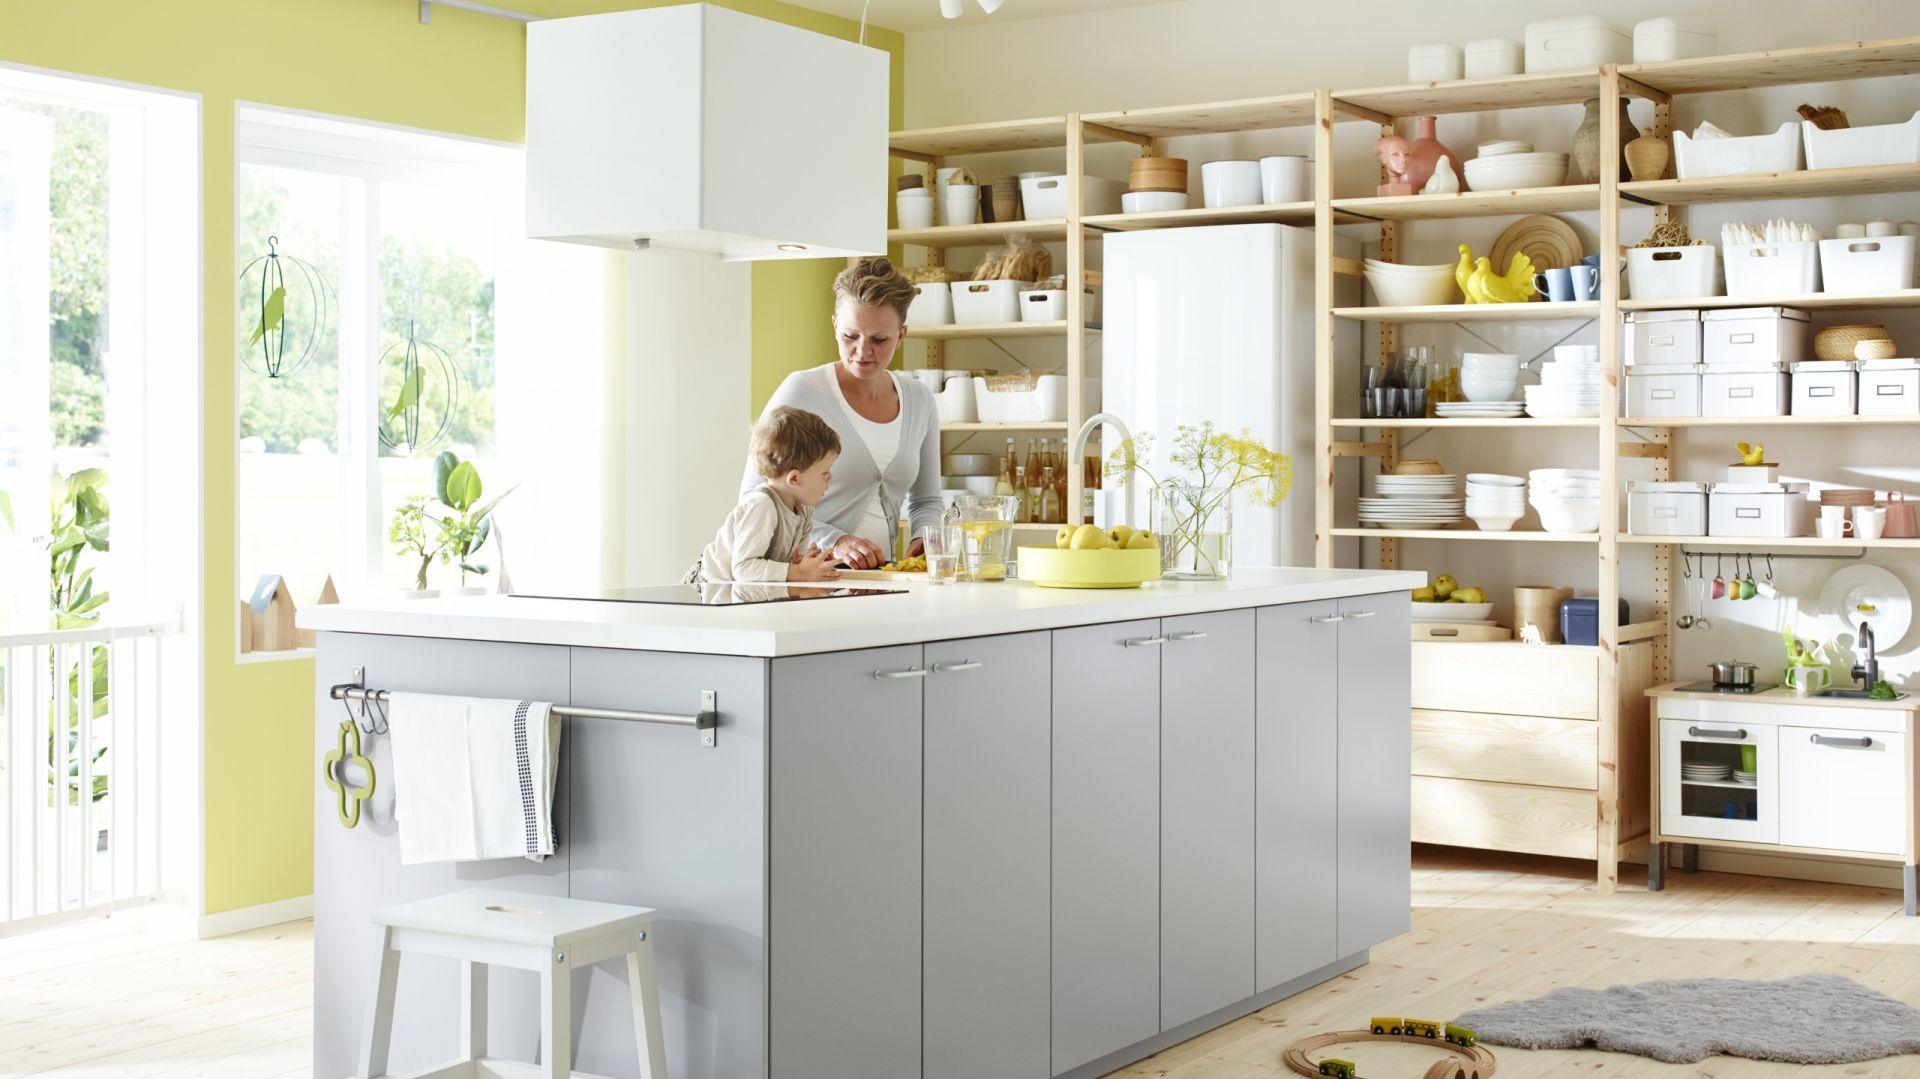 Kuchnia Metod. Za najprostszy zestaw trzeba będzie zapłacić 1.199 zł. Najdroższe są zestawy Metod Hyttan i Luxarby - 1.909 zł. Fot. IKEA